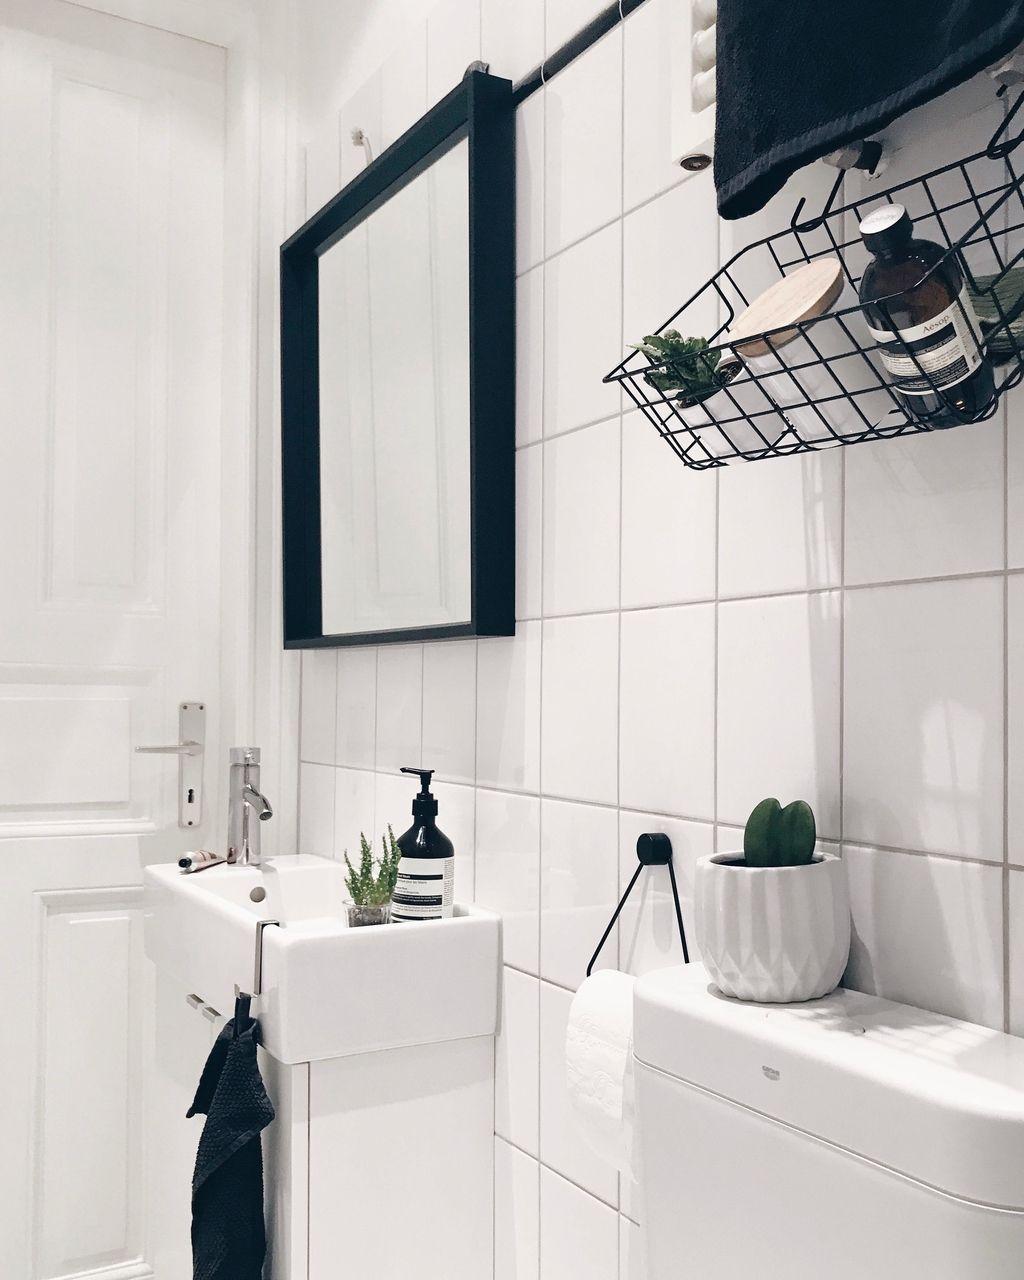 Badezimmer designs klein zimmer altbau in ottensen  zimmer  pinterest  bathroom bath